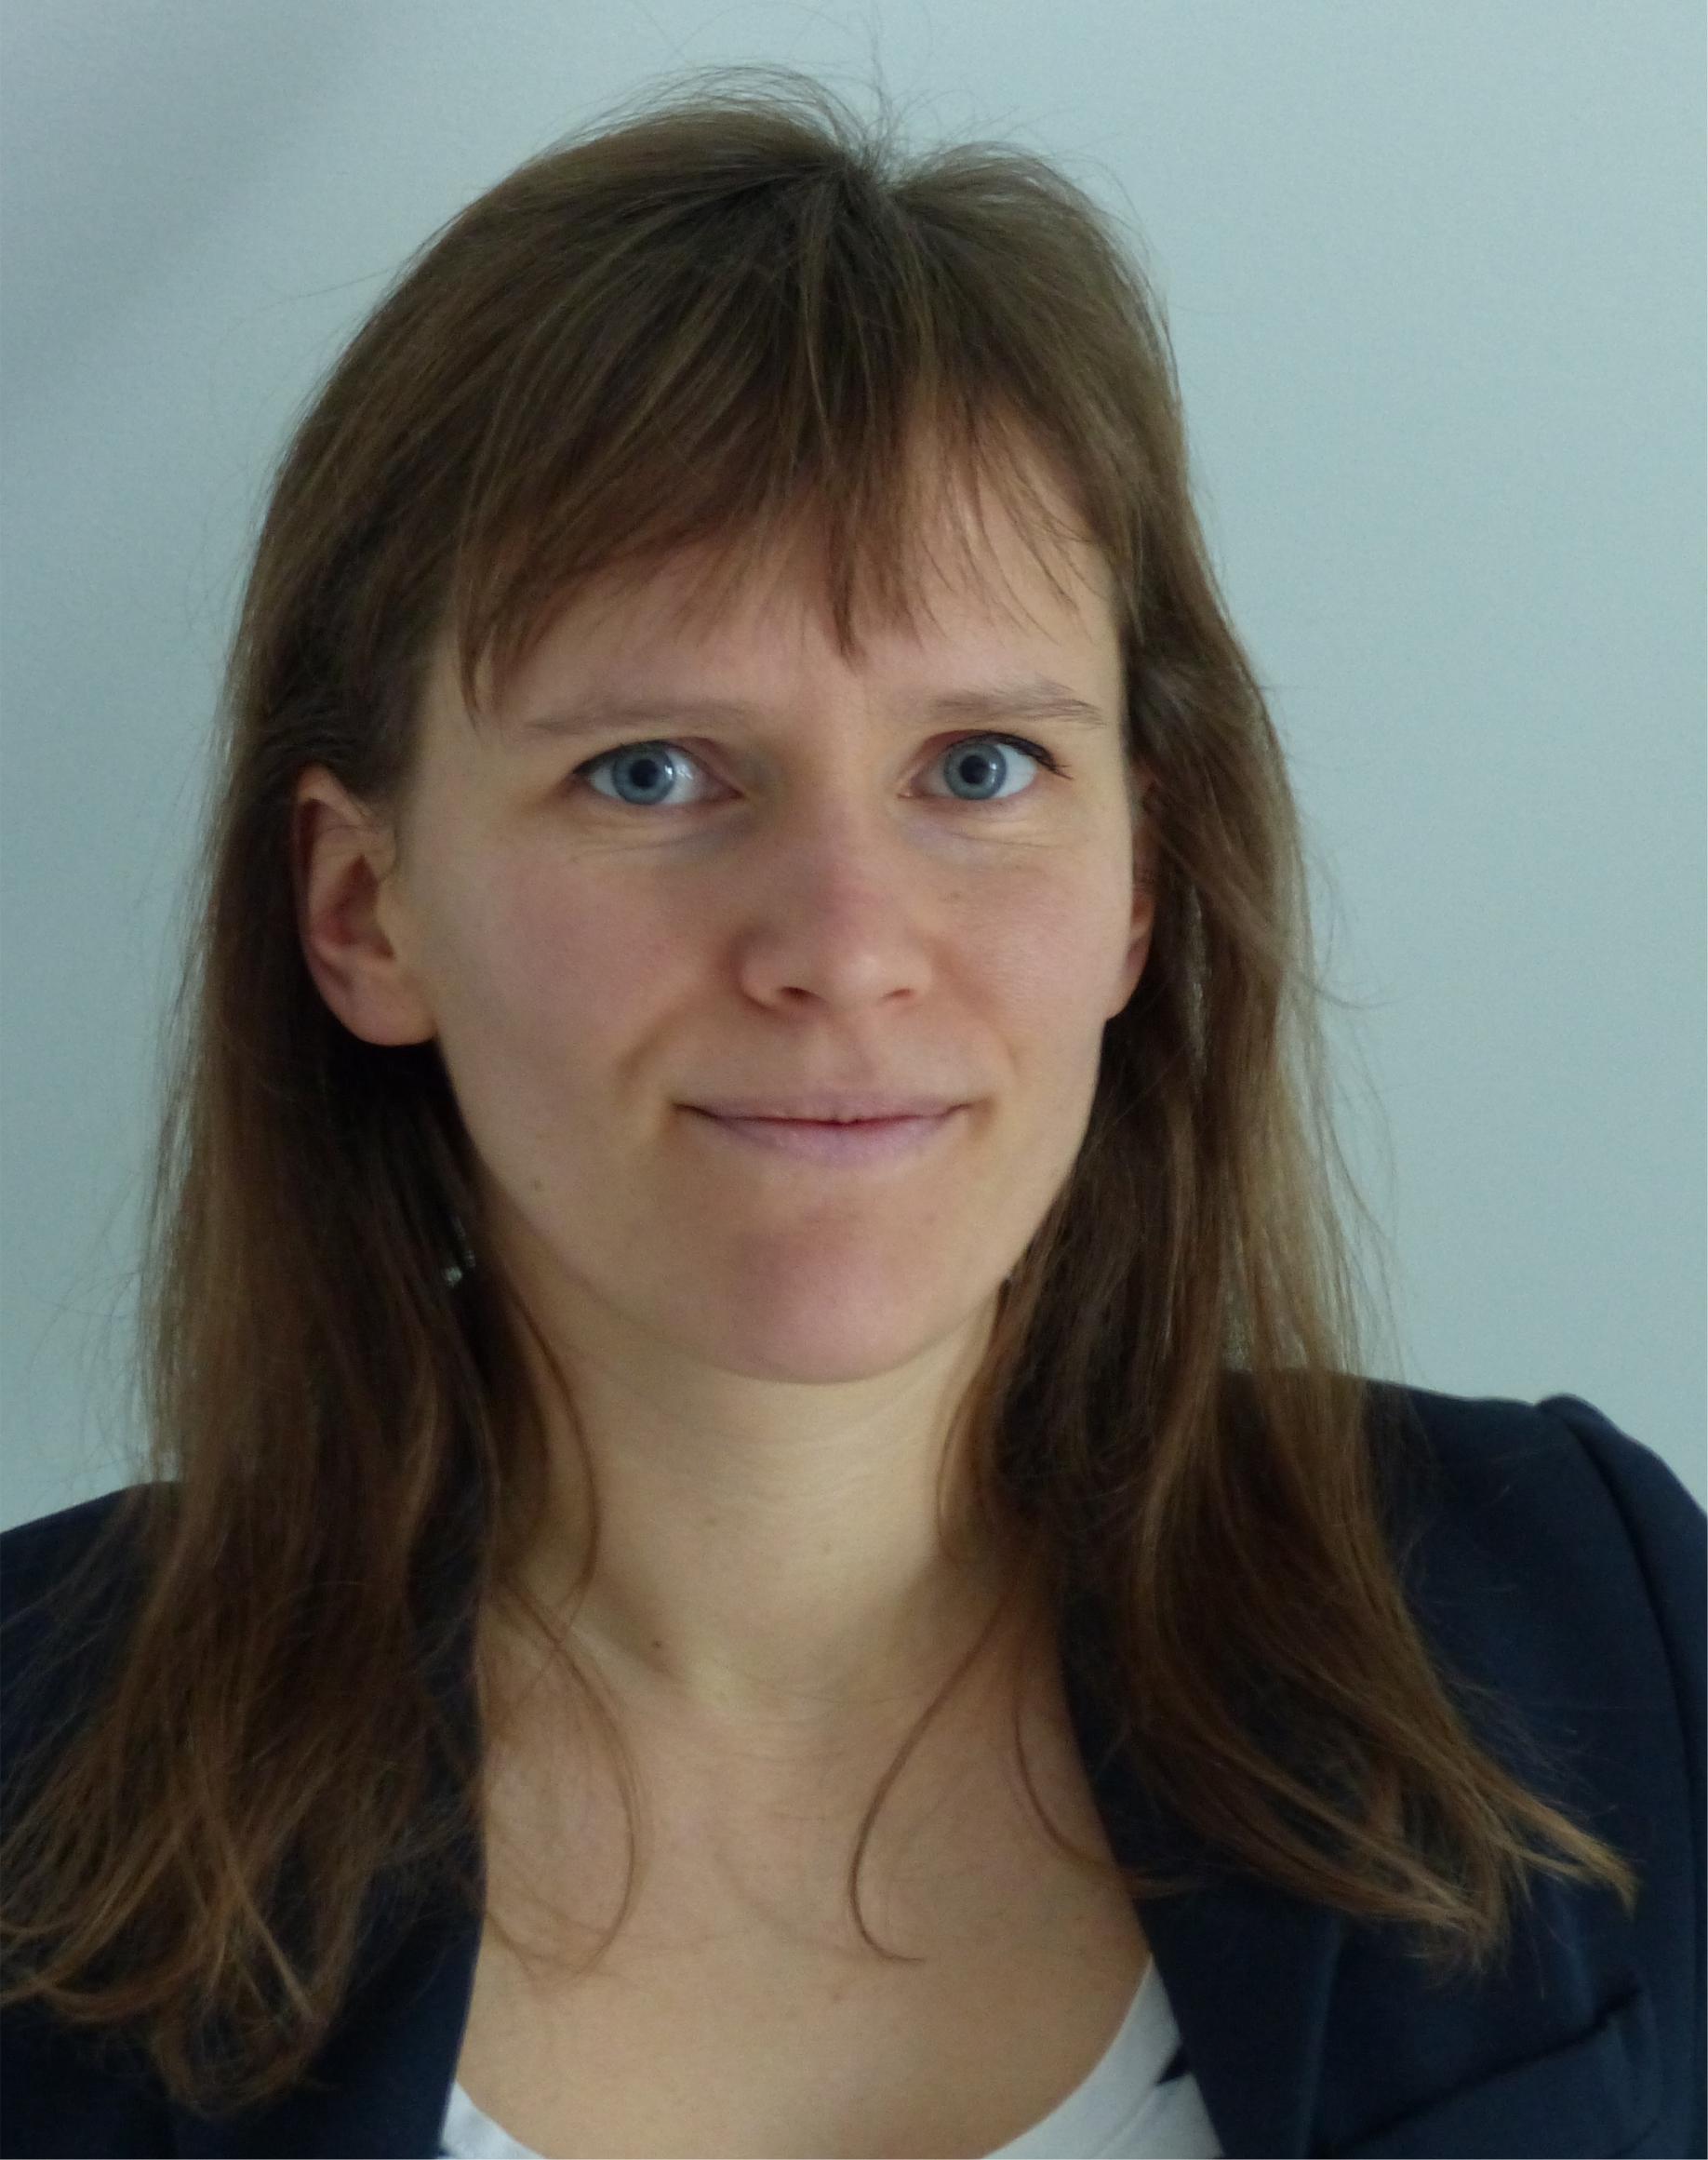 Anika Figge